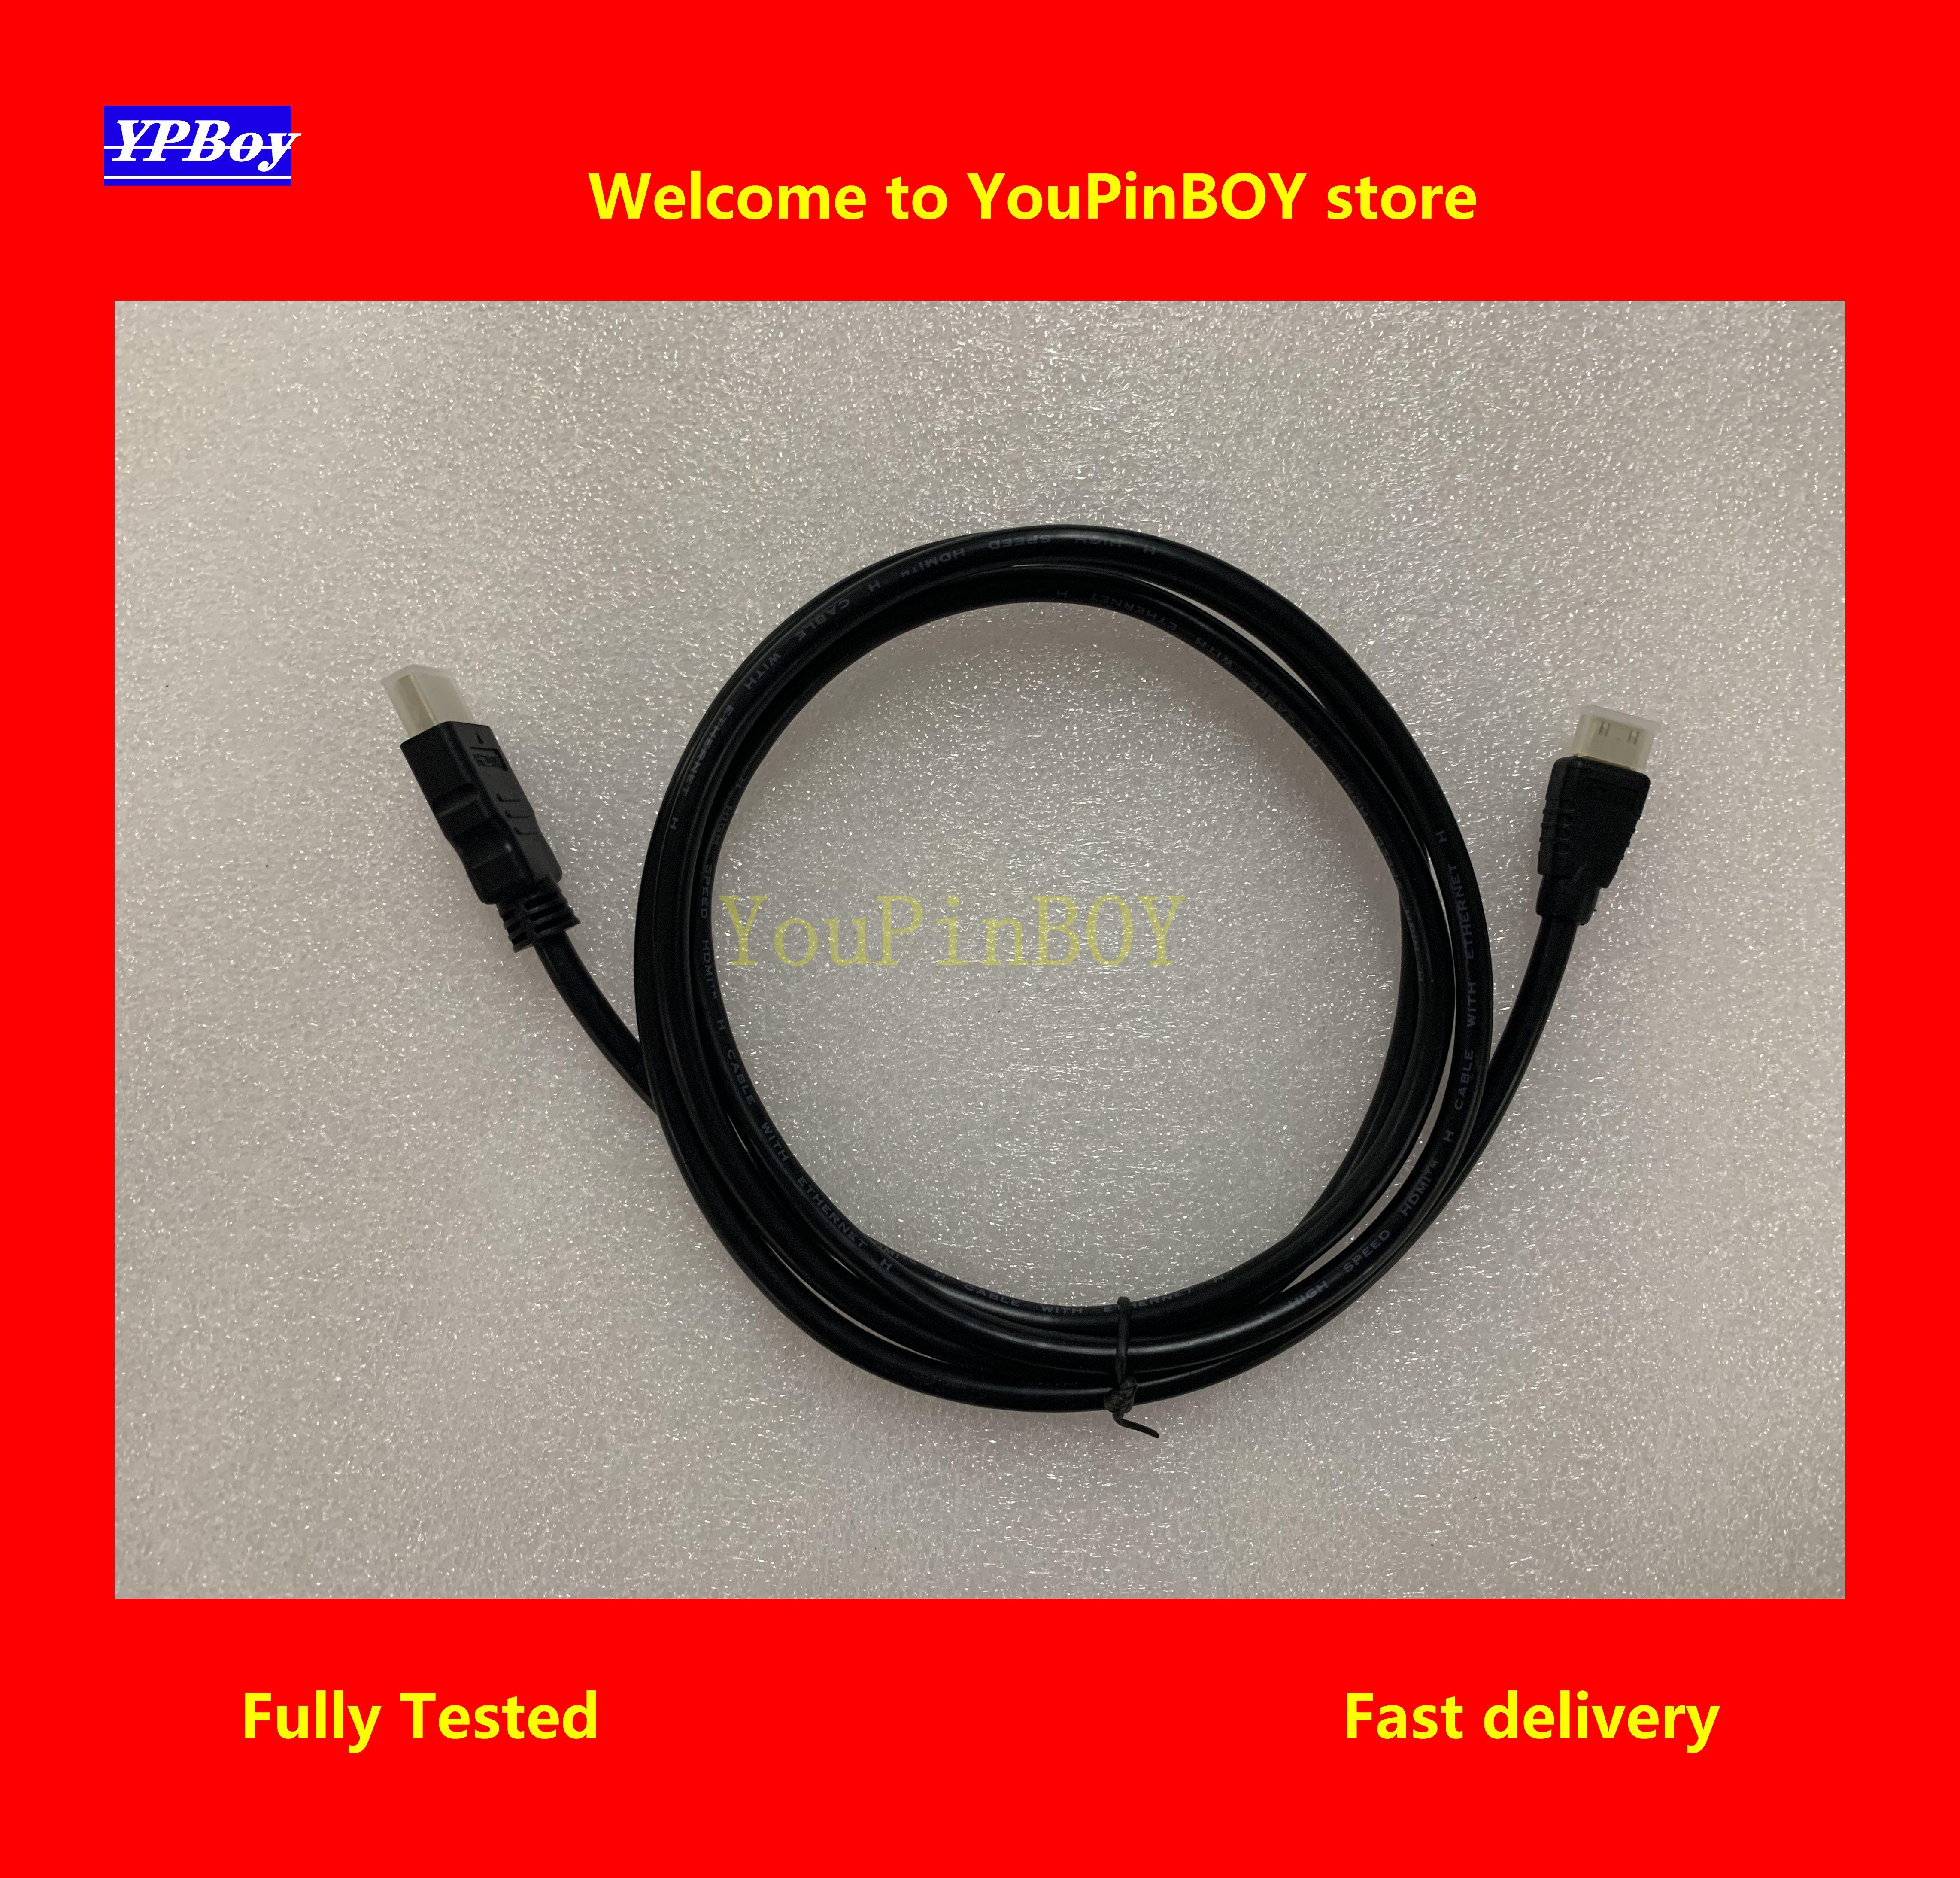 Youpinboy mini hdmi cabo de alta velocidade 1080 p 3d banhado a ouro cabo hdmi linha para hdtv xbox ps3 computador